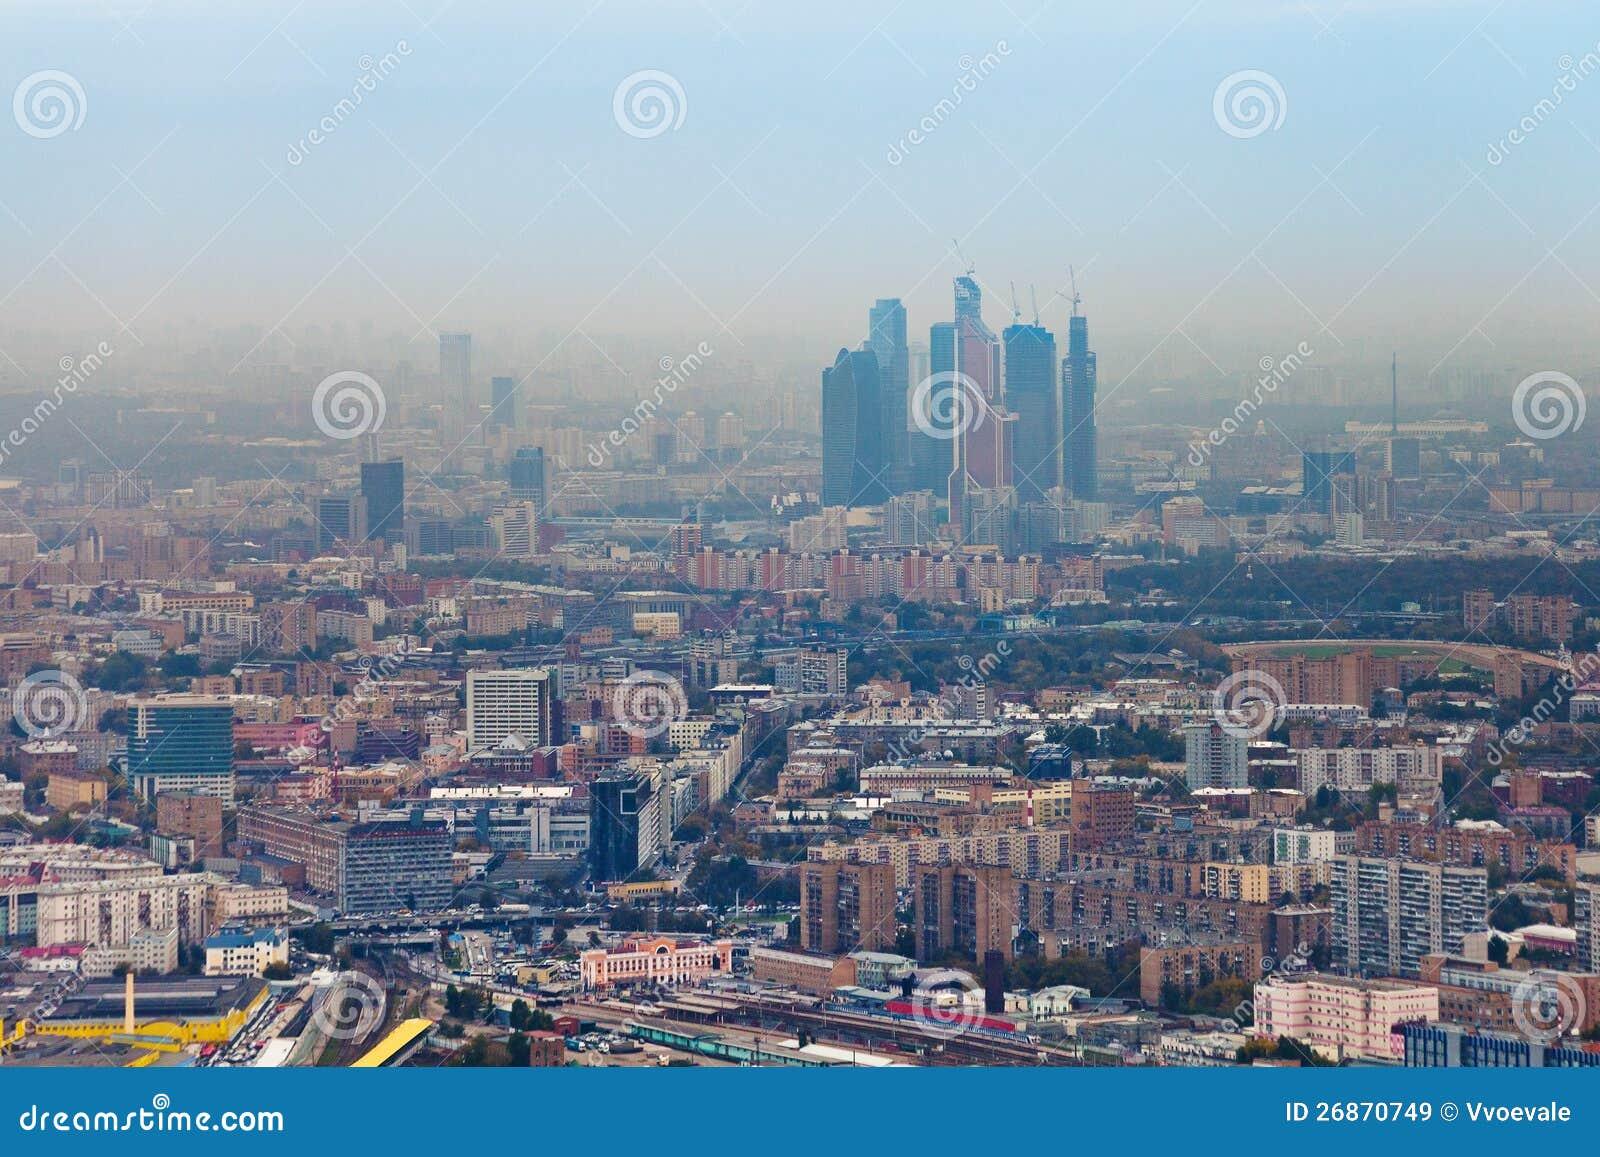 Moskwa Miasto i pejzaż miejski w smogu jesień dzień